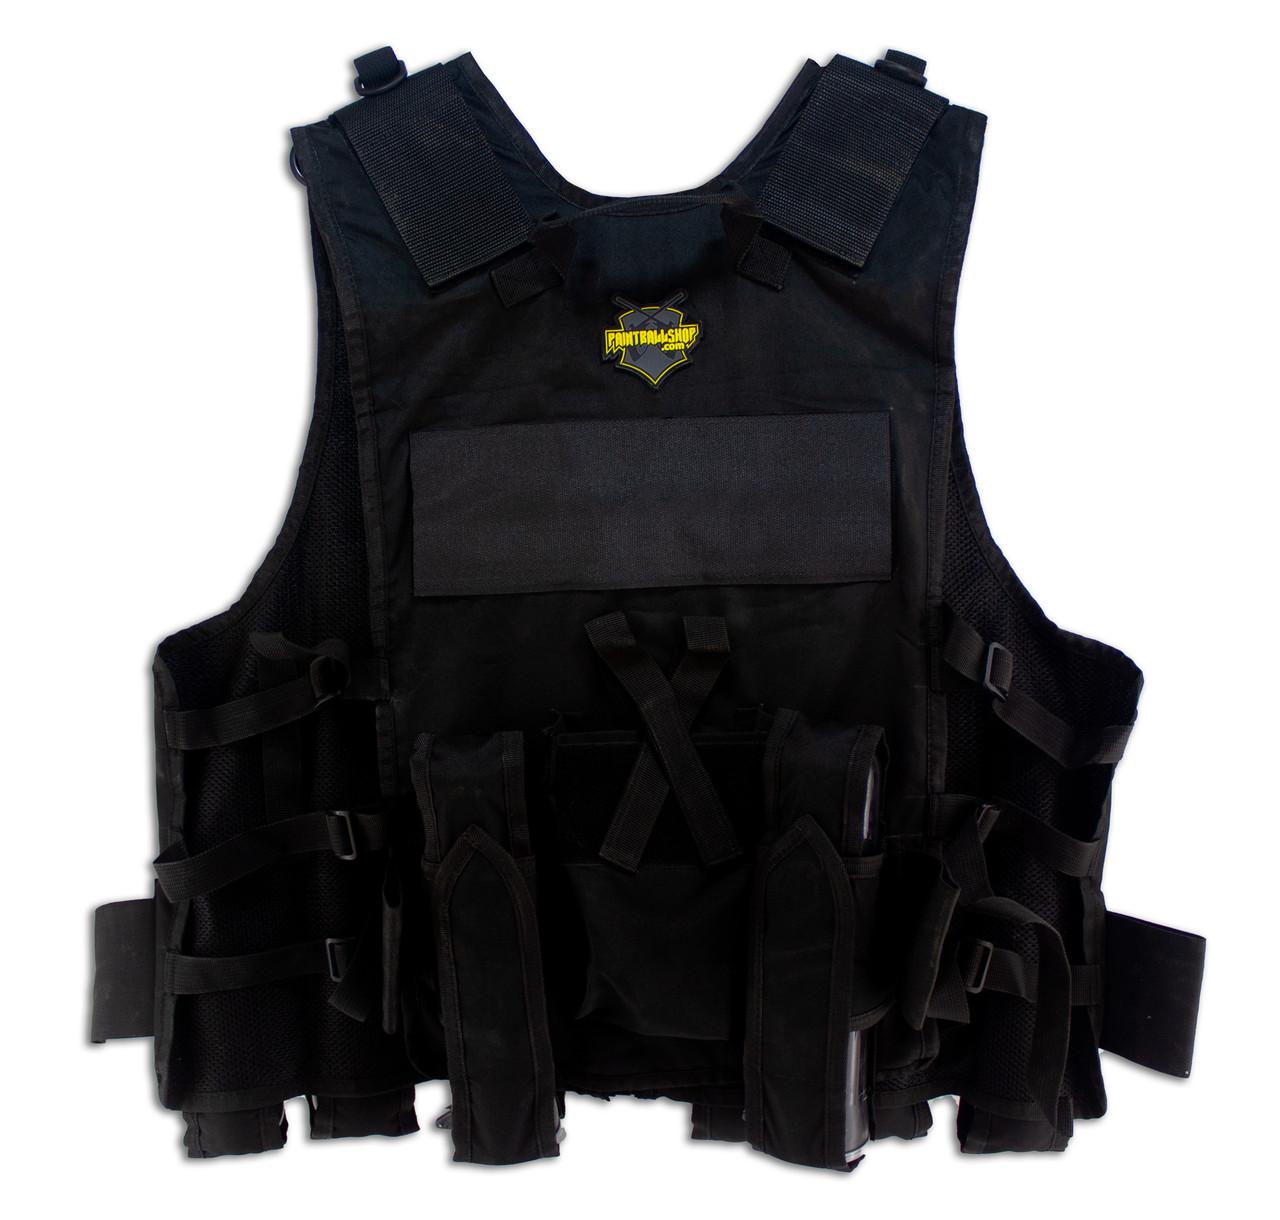 Paintballshop - TAC86 Assault Vest - Black